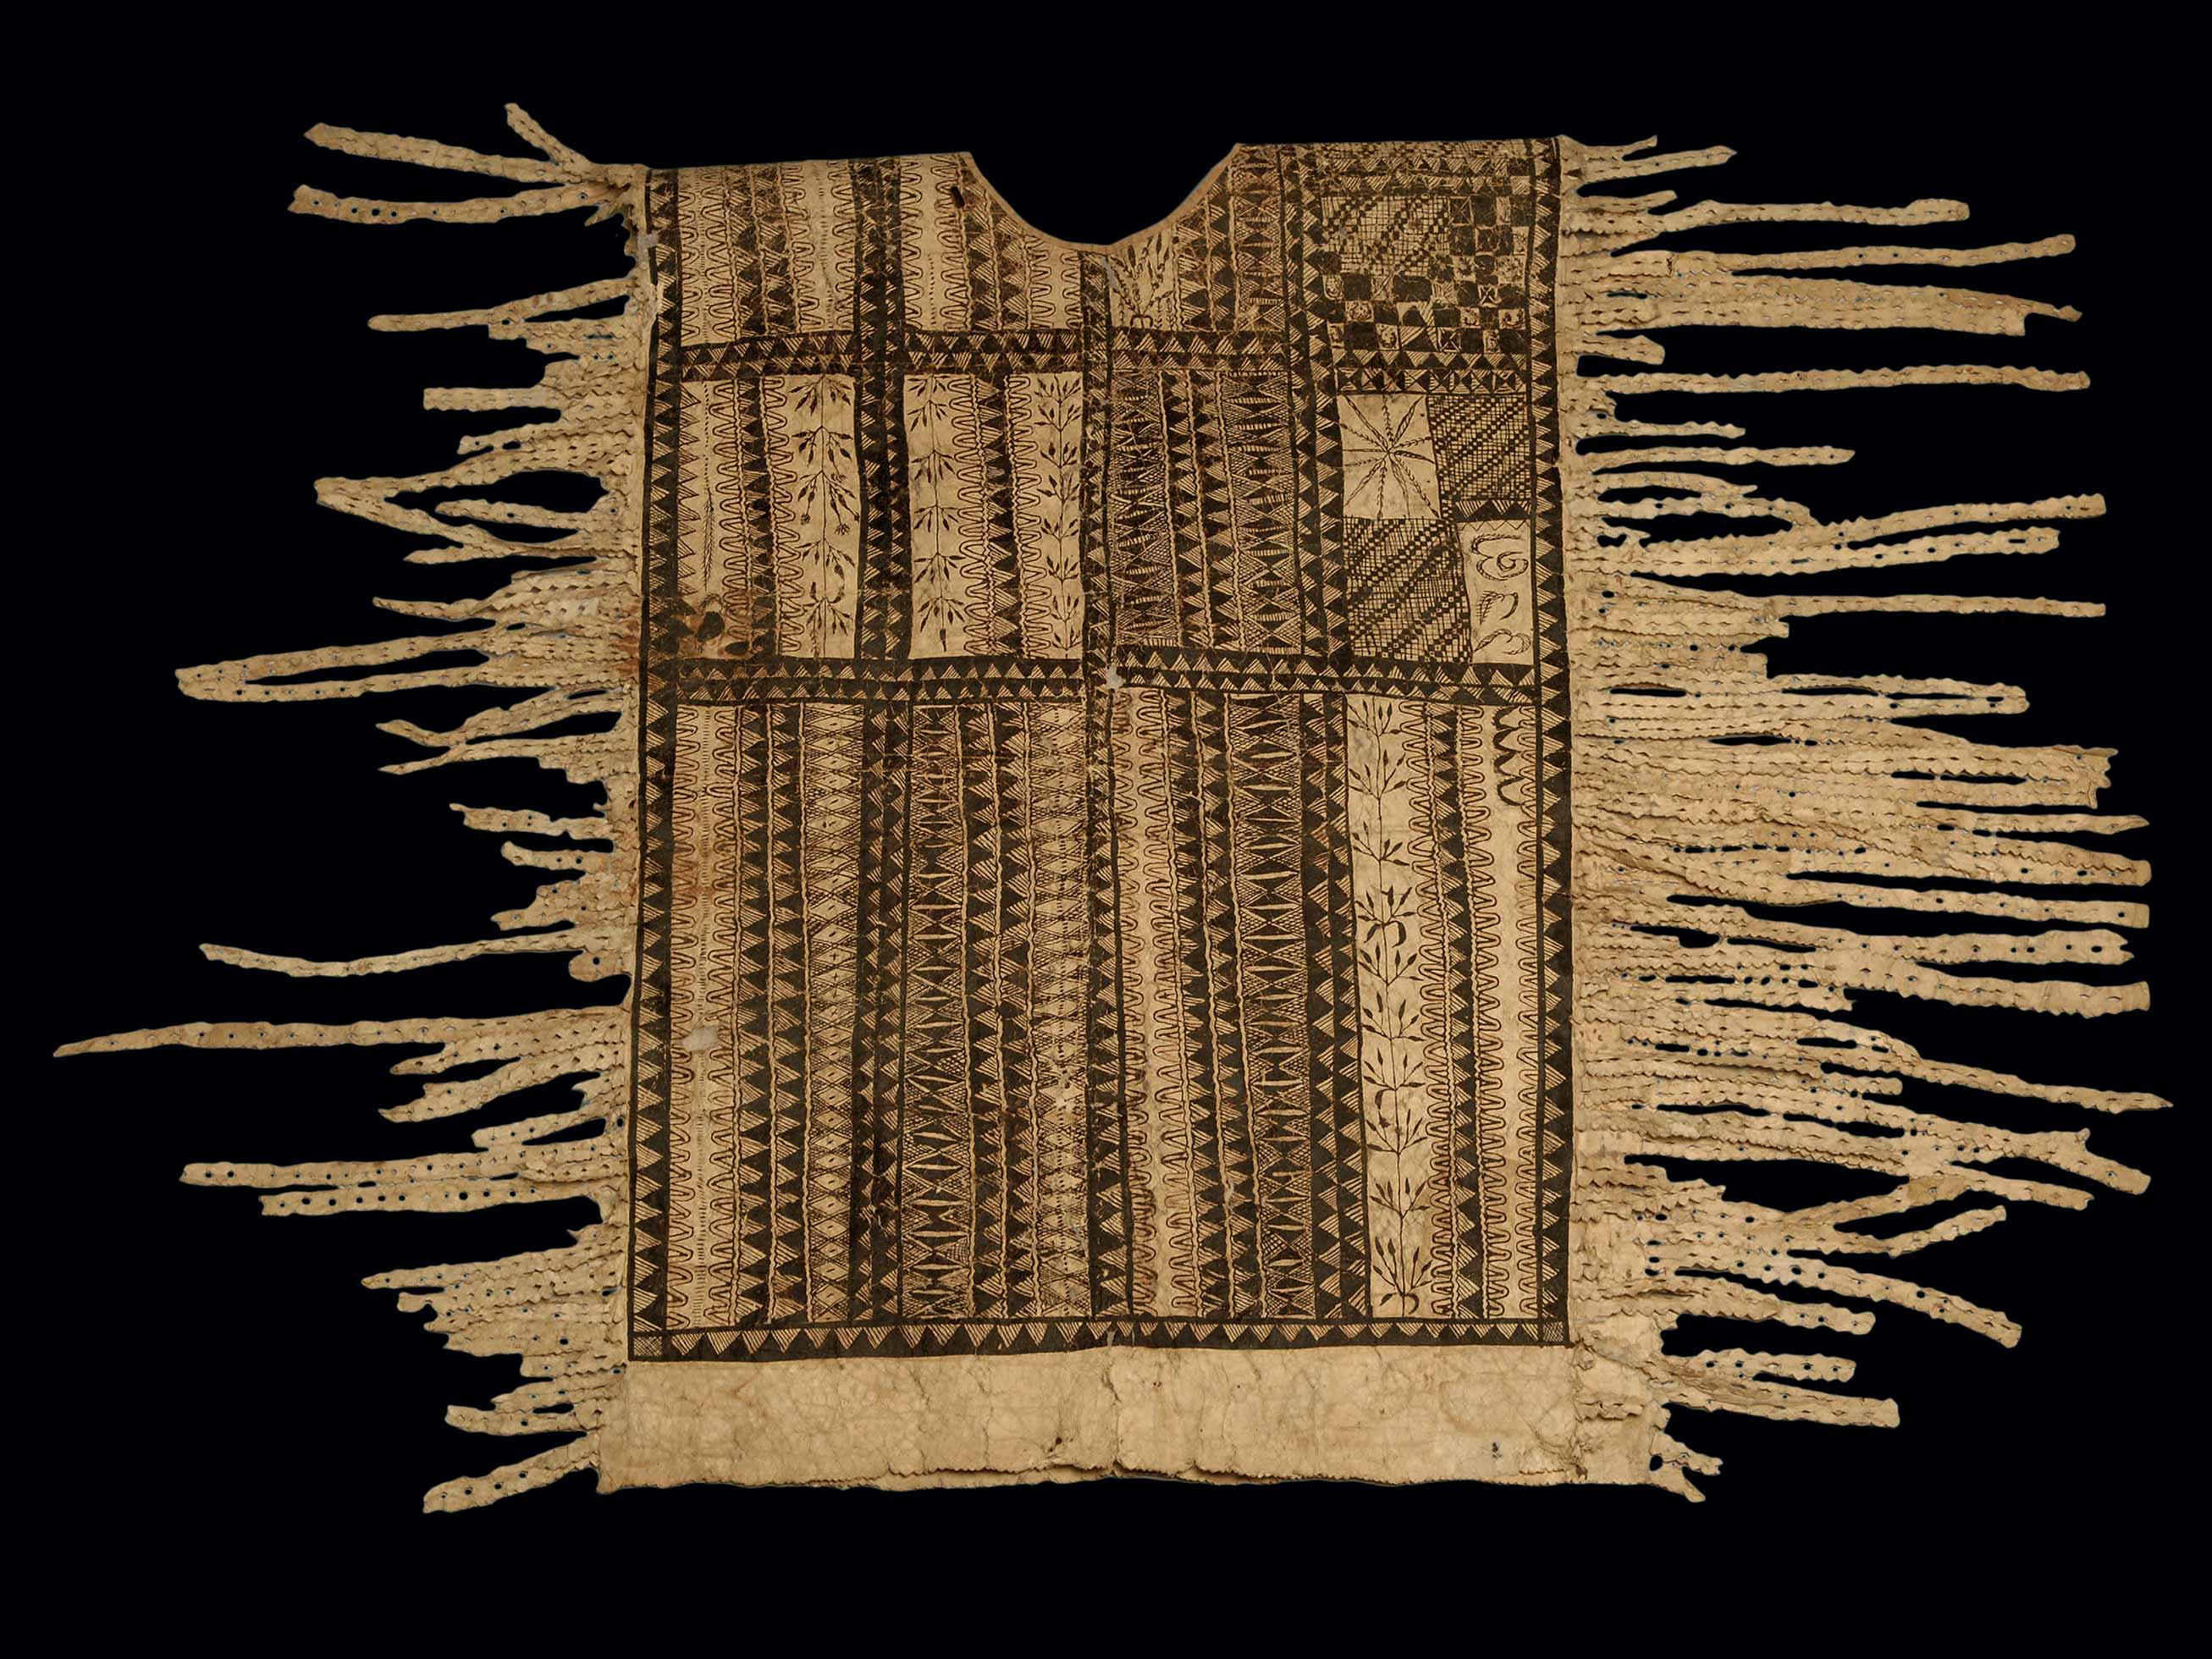 Vêtement polynésien en tapa. Des fouilles ont révélé l'ancienneté de l'usage du tapa en mettant au jour des battoirs en bois nécessaires à sa fabrication et datés entre les IXe et XIIIe siècles.